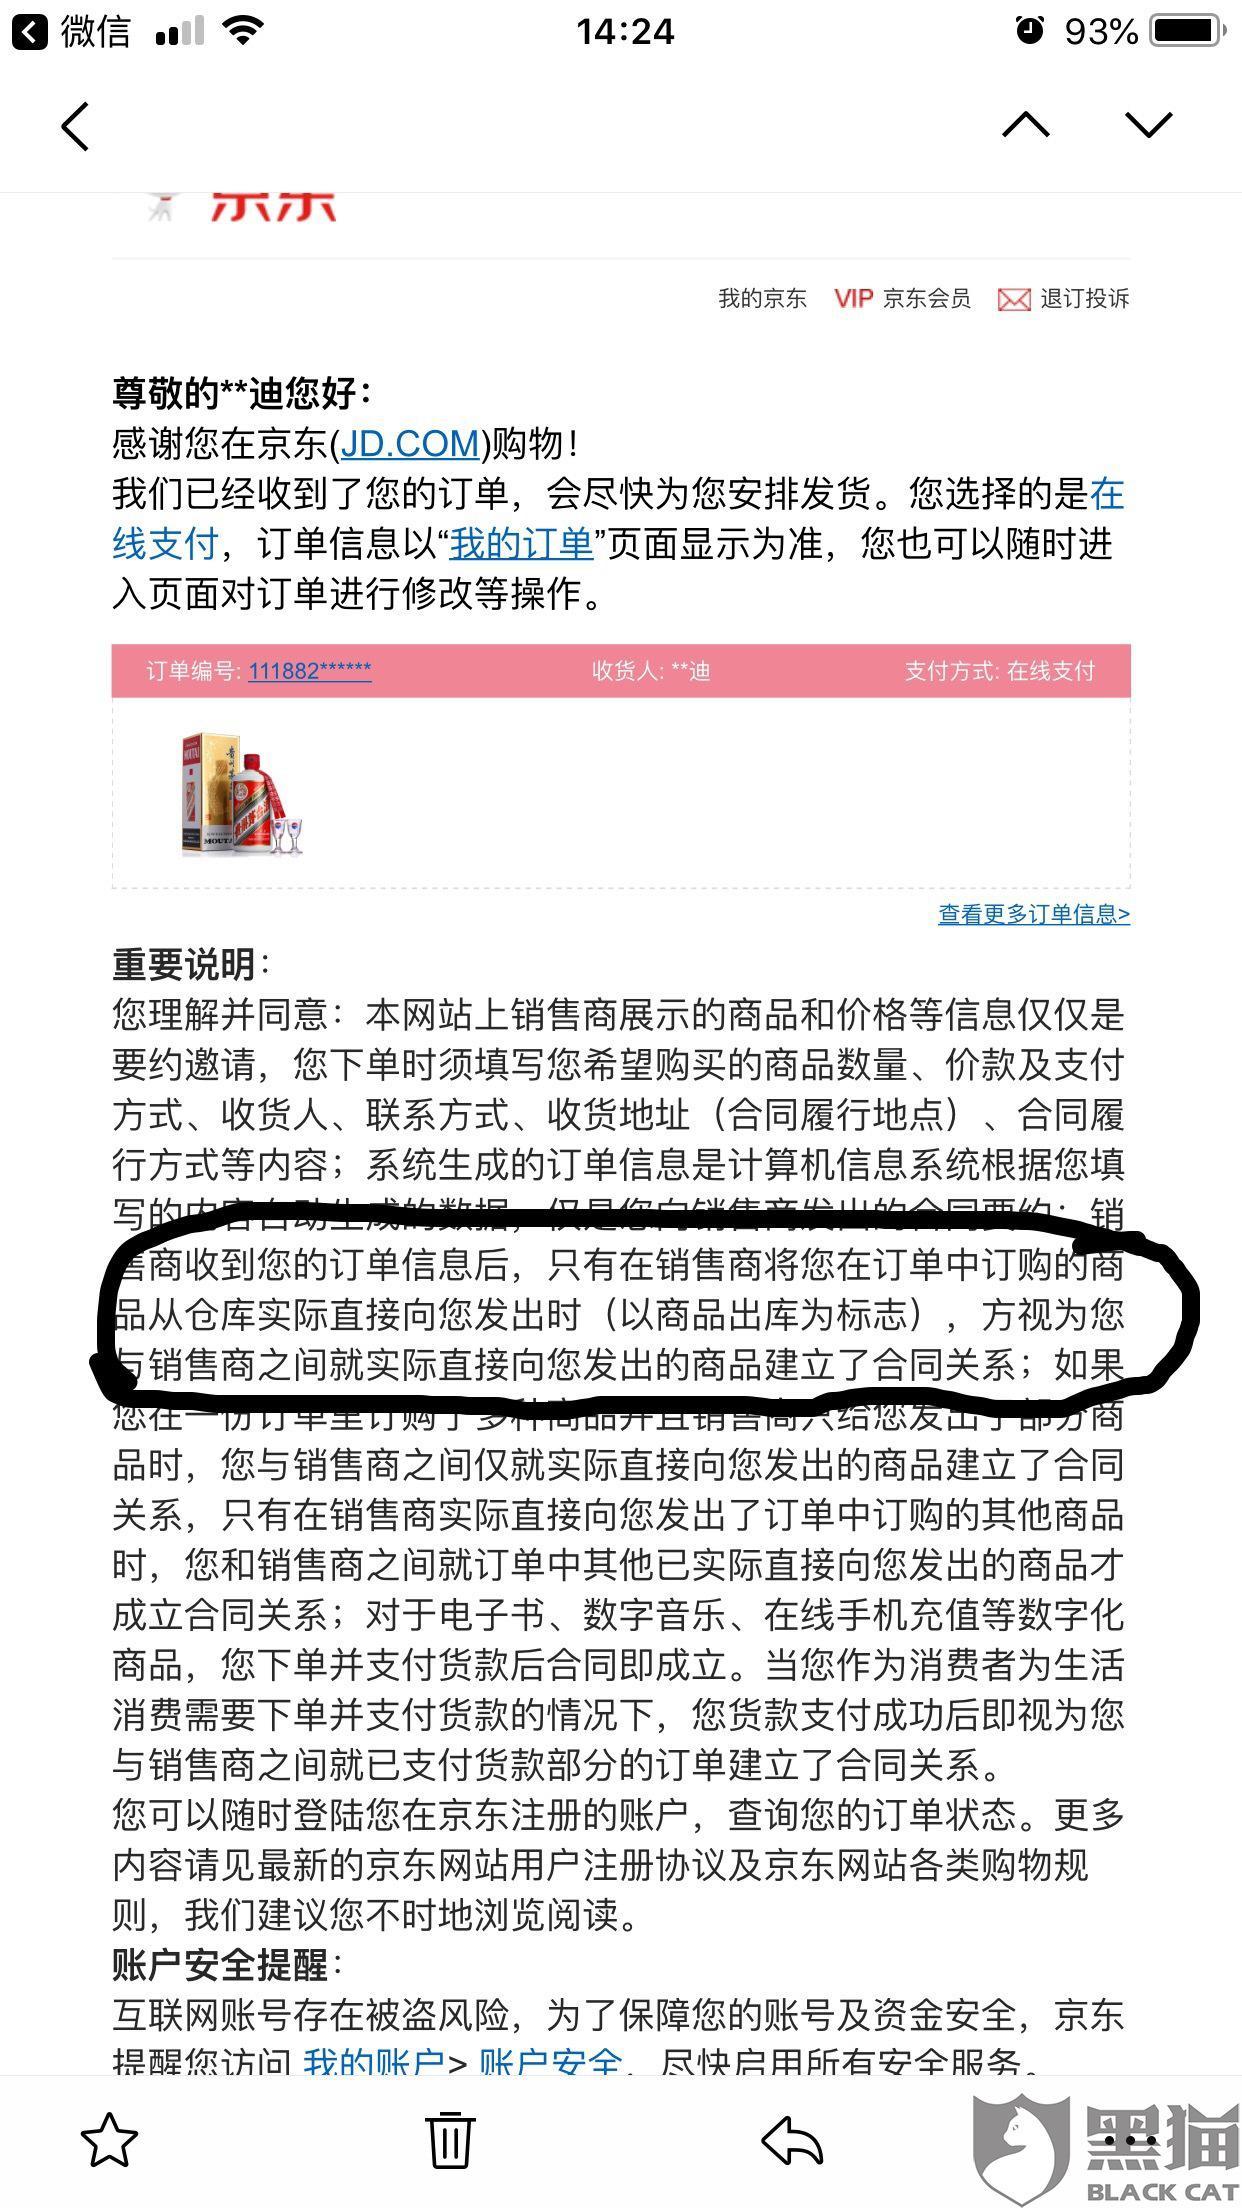 黑猫投诉:京东官方私自拦截订单并强制取消订单退款